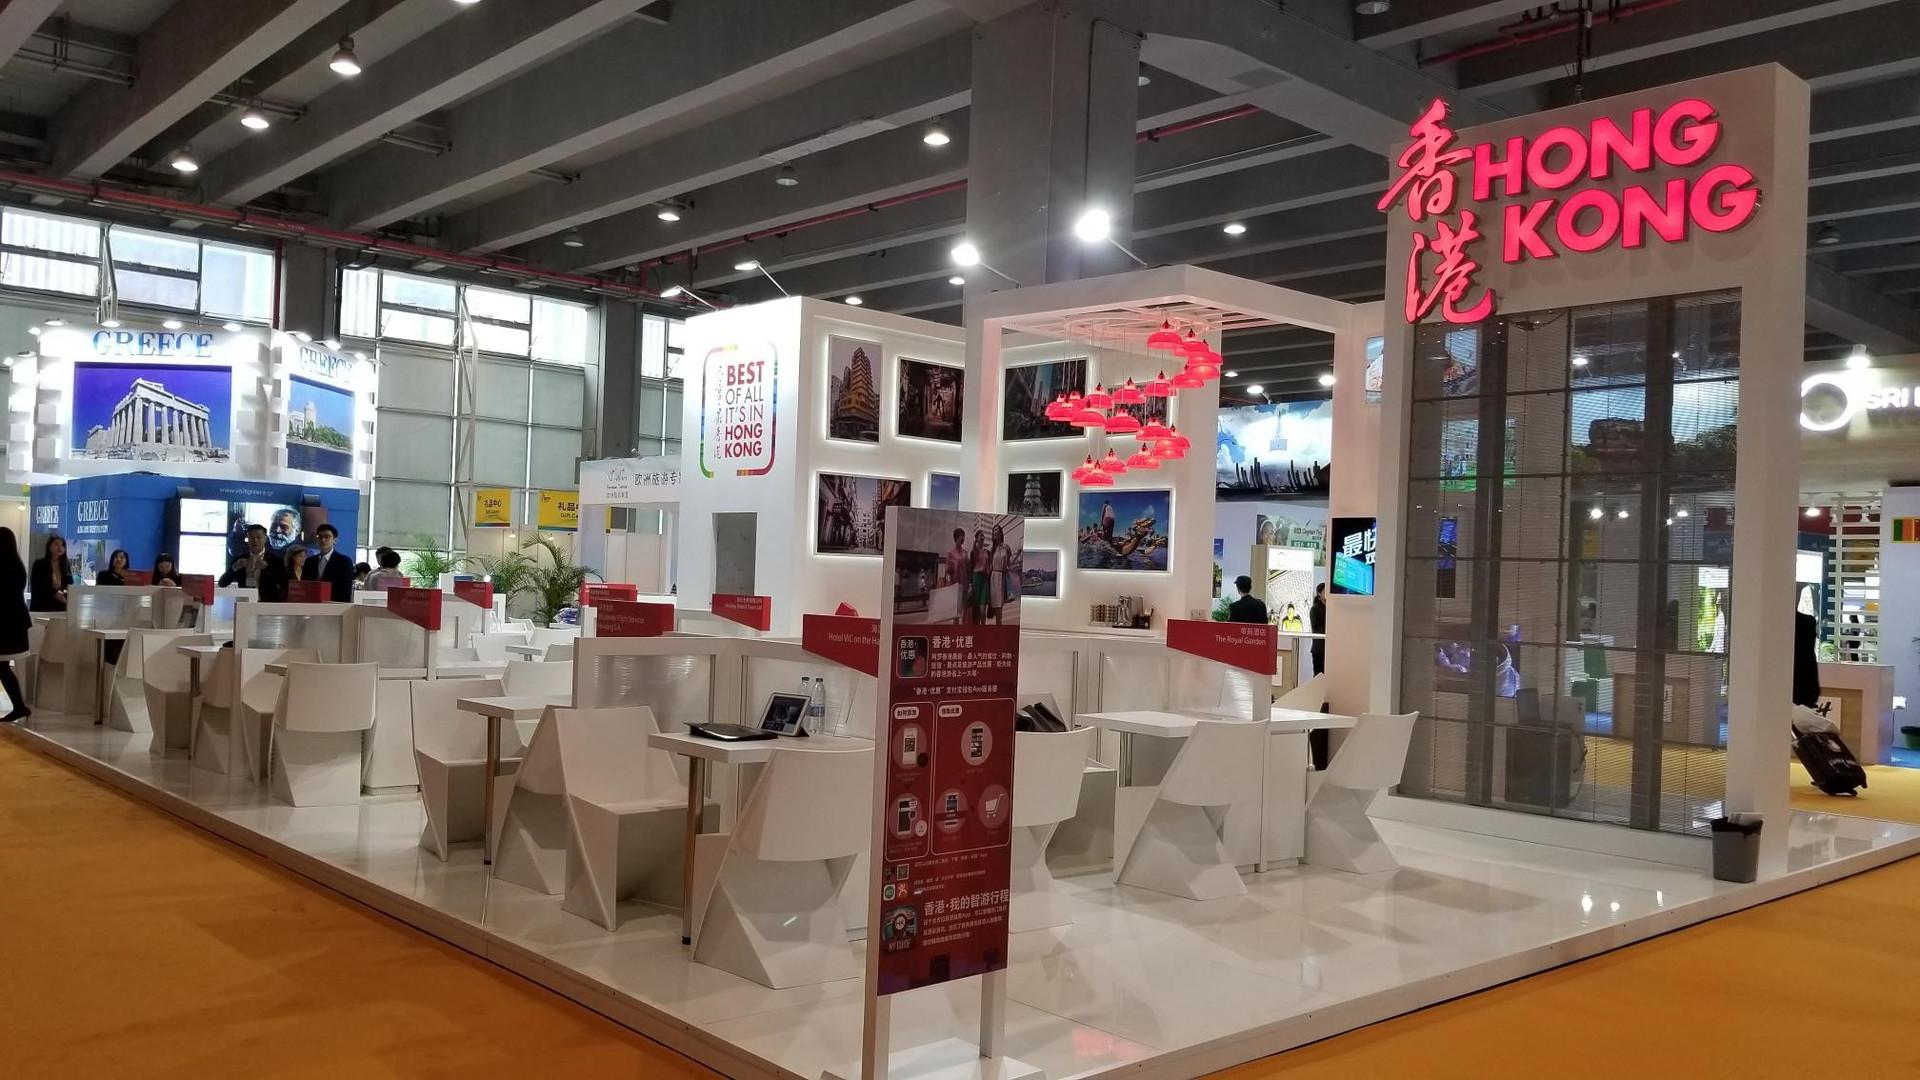 HKTB @ Guangzhou  香港旅游发展局 @ 广州 2019